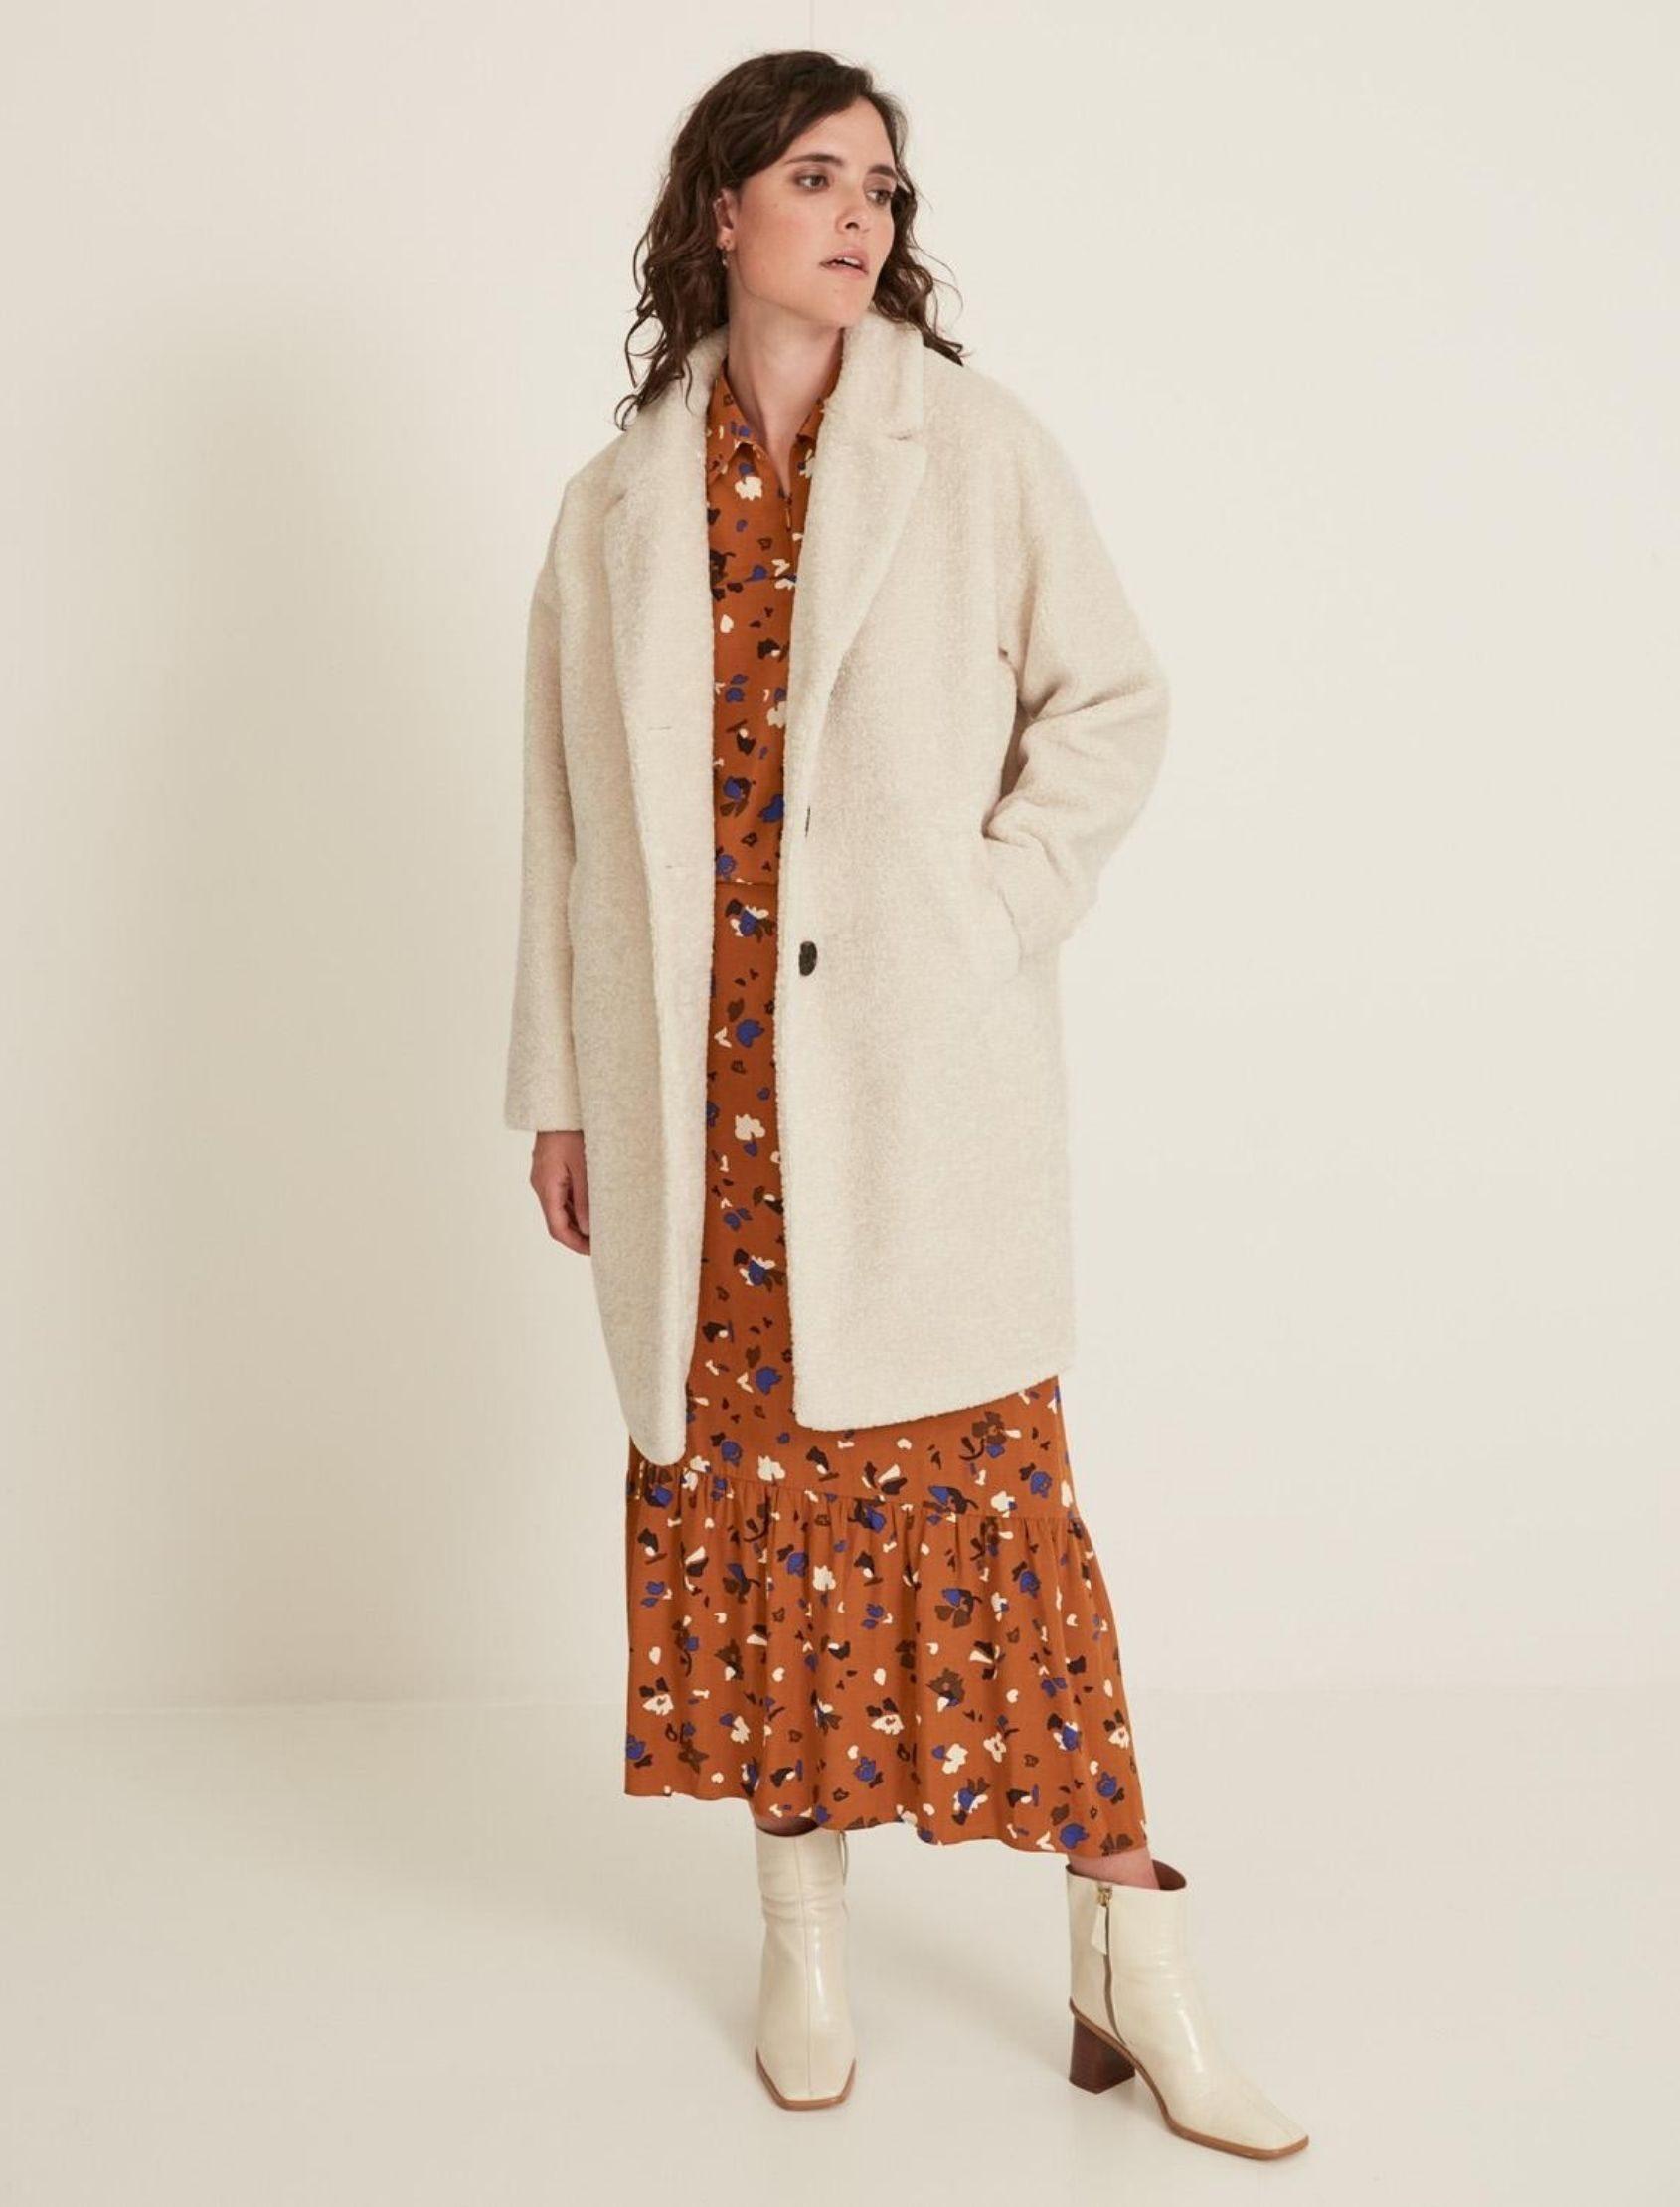 abrigo borreguillo en color beige de la marca yerse hecho en España